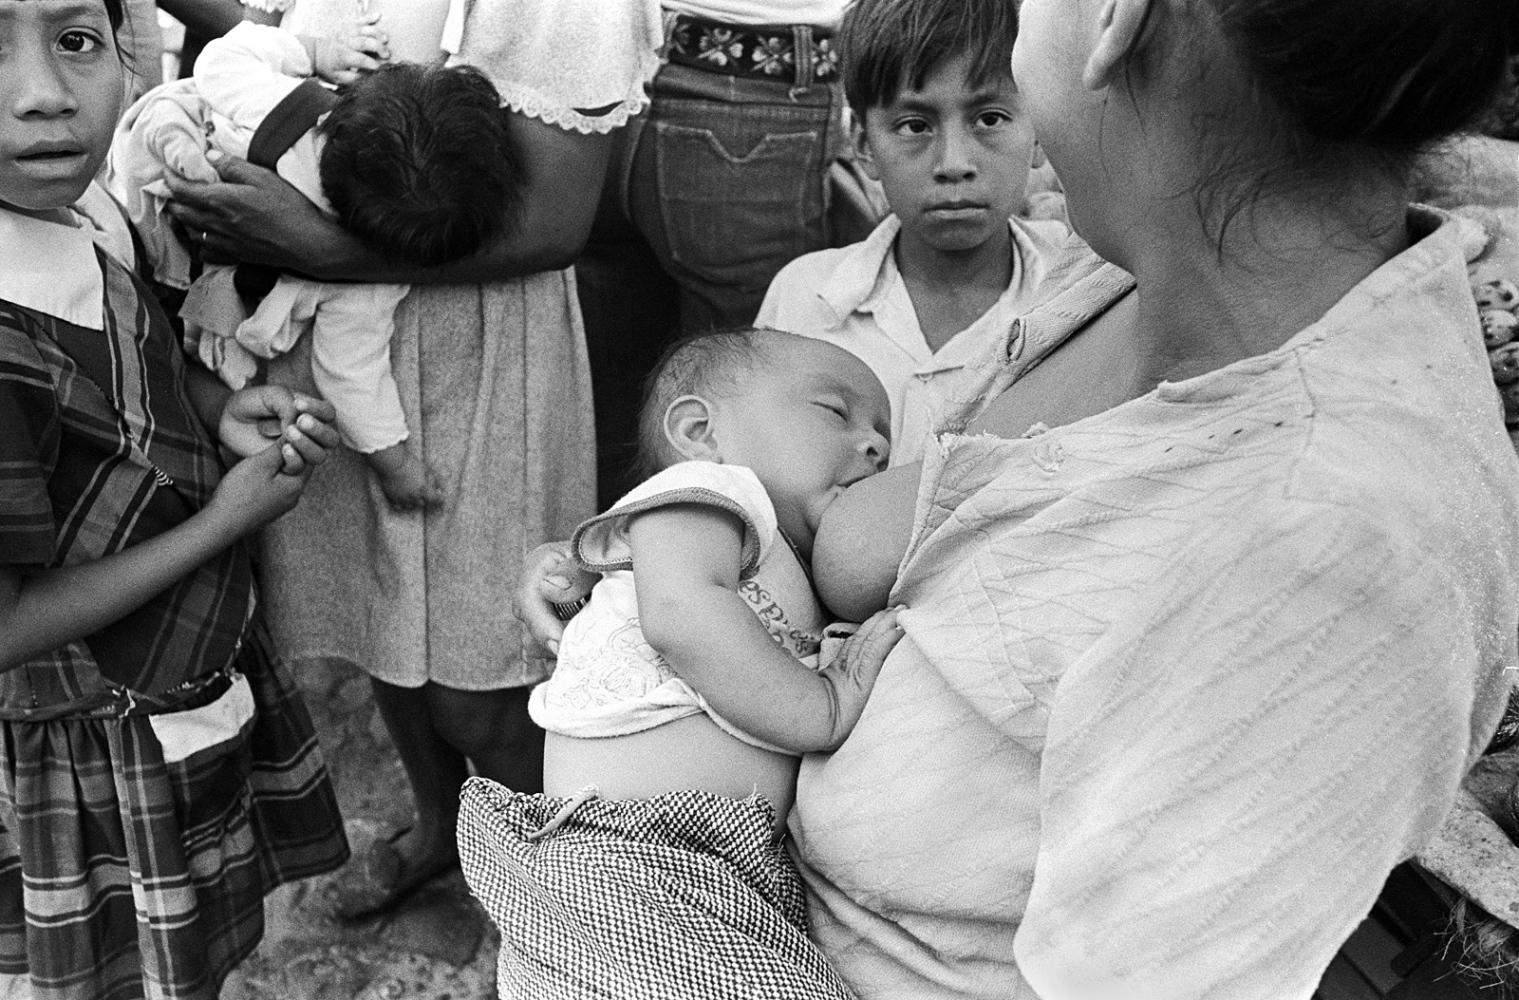 Market Day, Ozuluama, Ver, 1978 ©Sylvia de Swaan